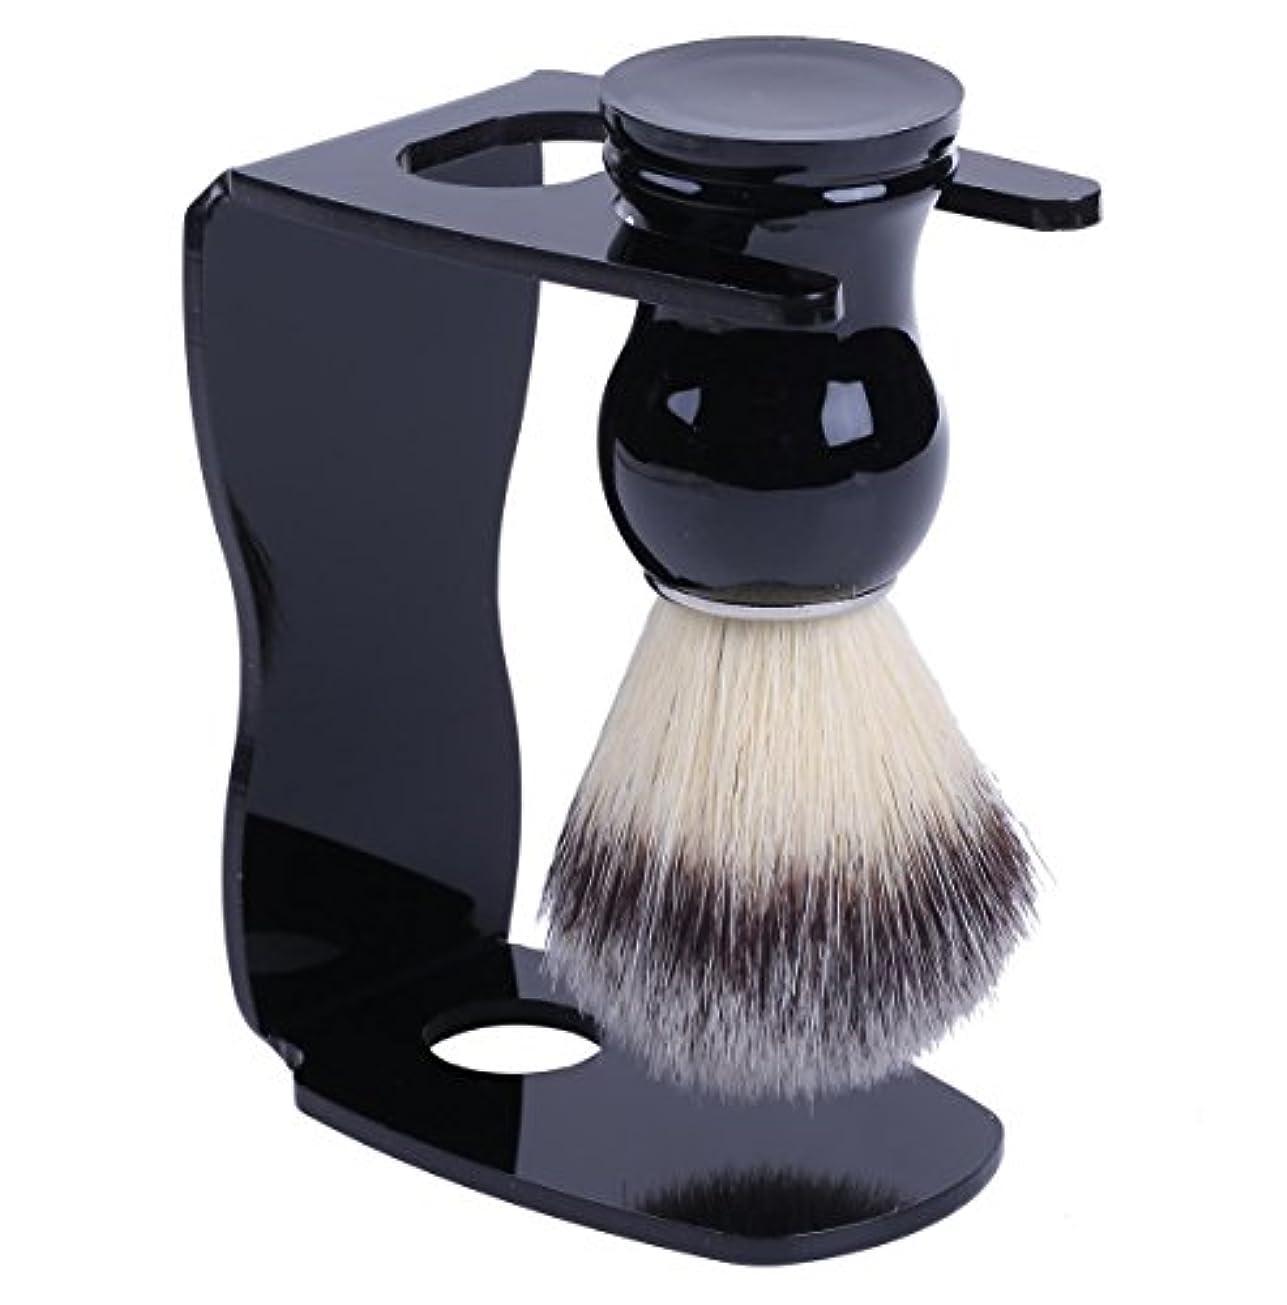 悩み亜熱帯機構泡立ちが違う アナグマ 毛100% スタンド付き シェービング ブラシ /髭剃り 洗顔 理容 マッサージ 美容 効果